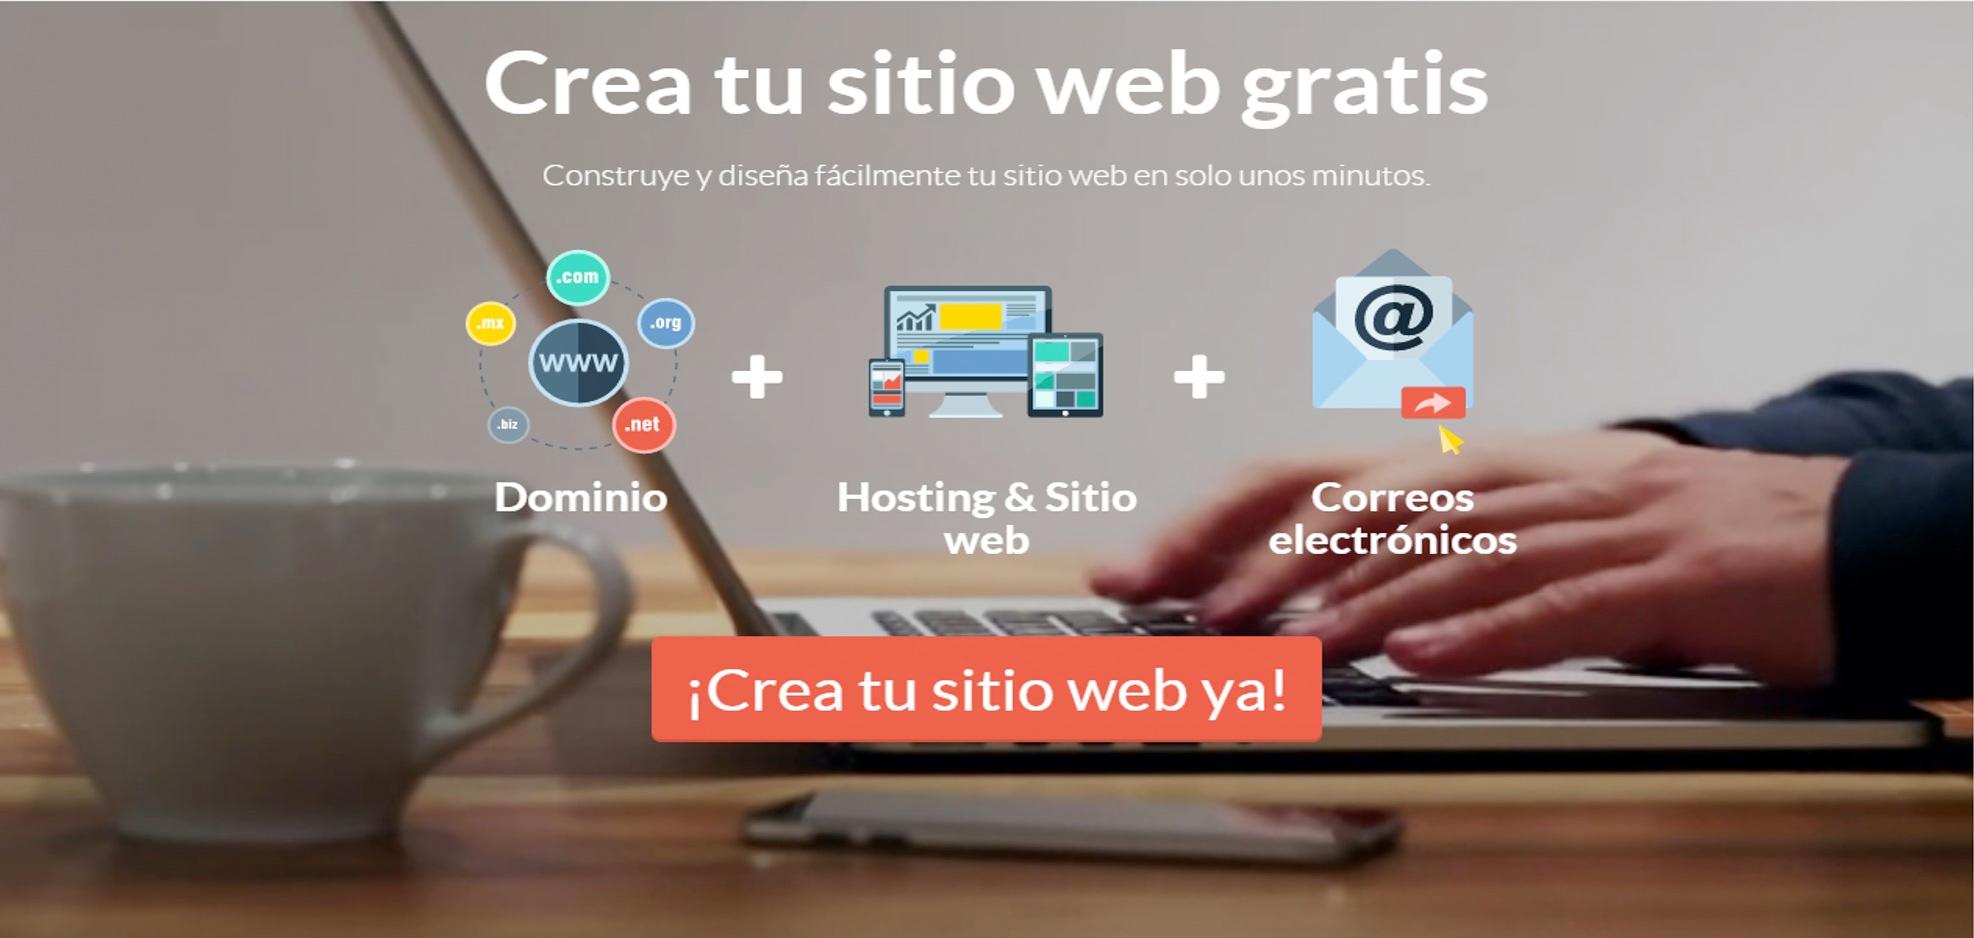 crear una web gratis. Ventajas y desventajas